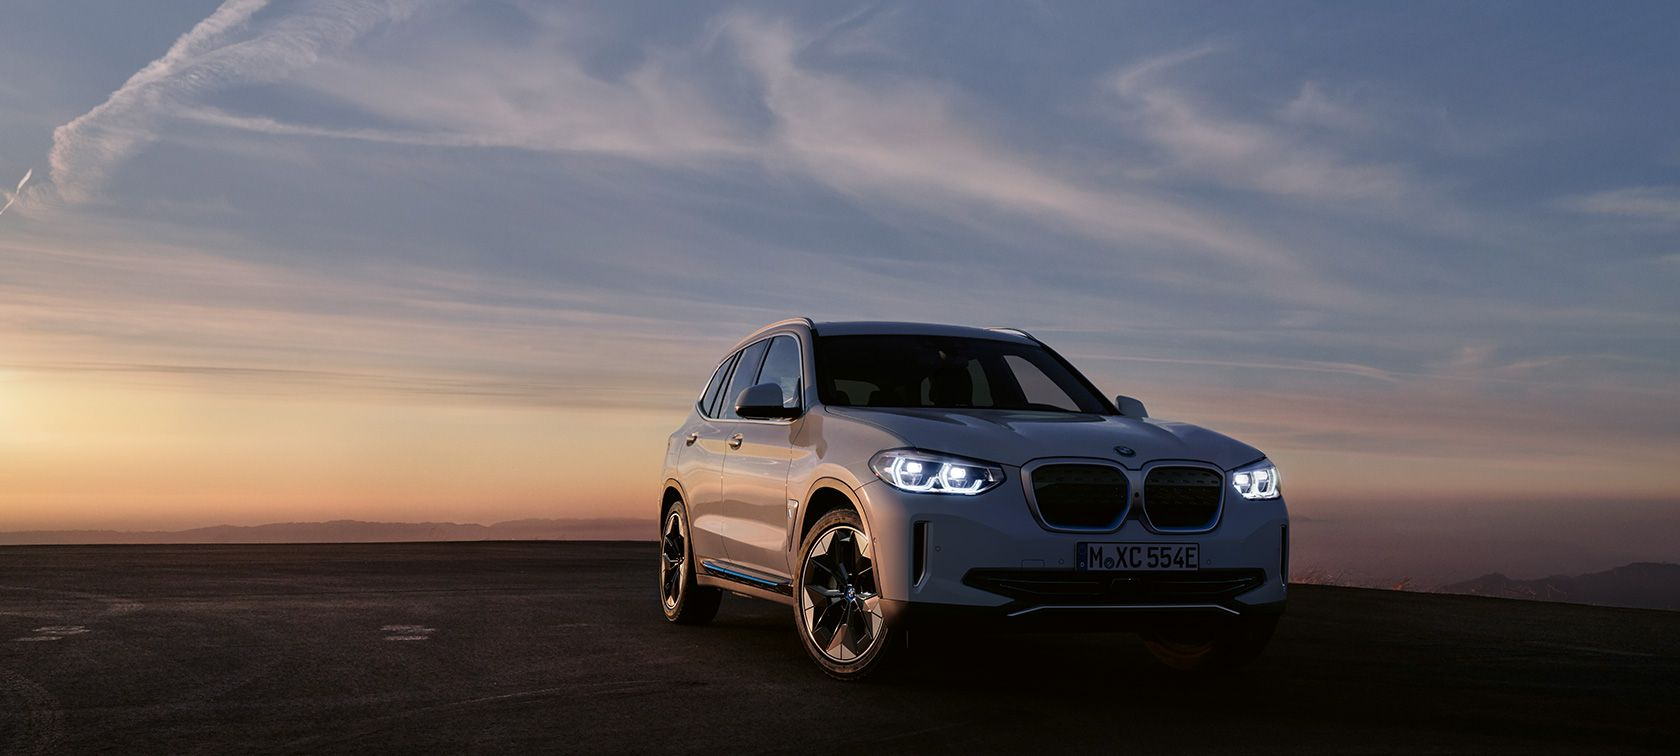 BMW iX3 - Der erste vollelektrische BMW X3